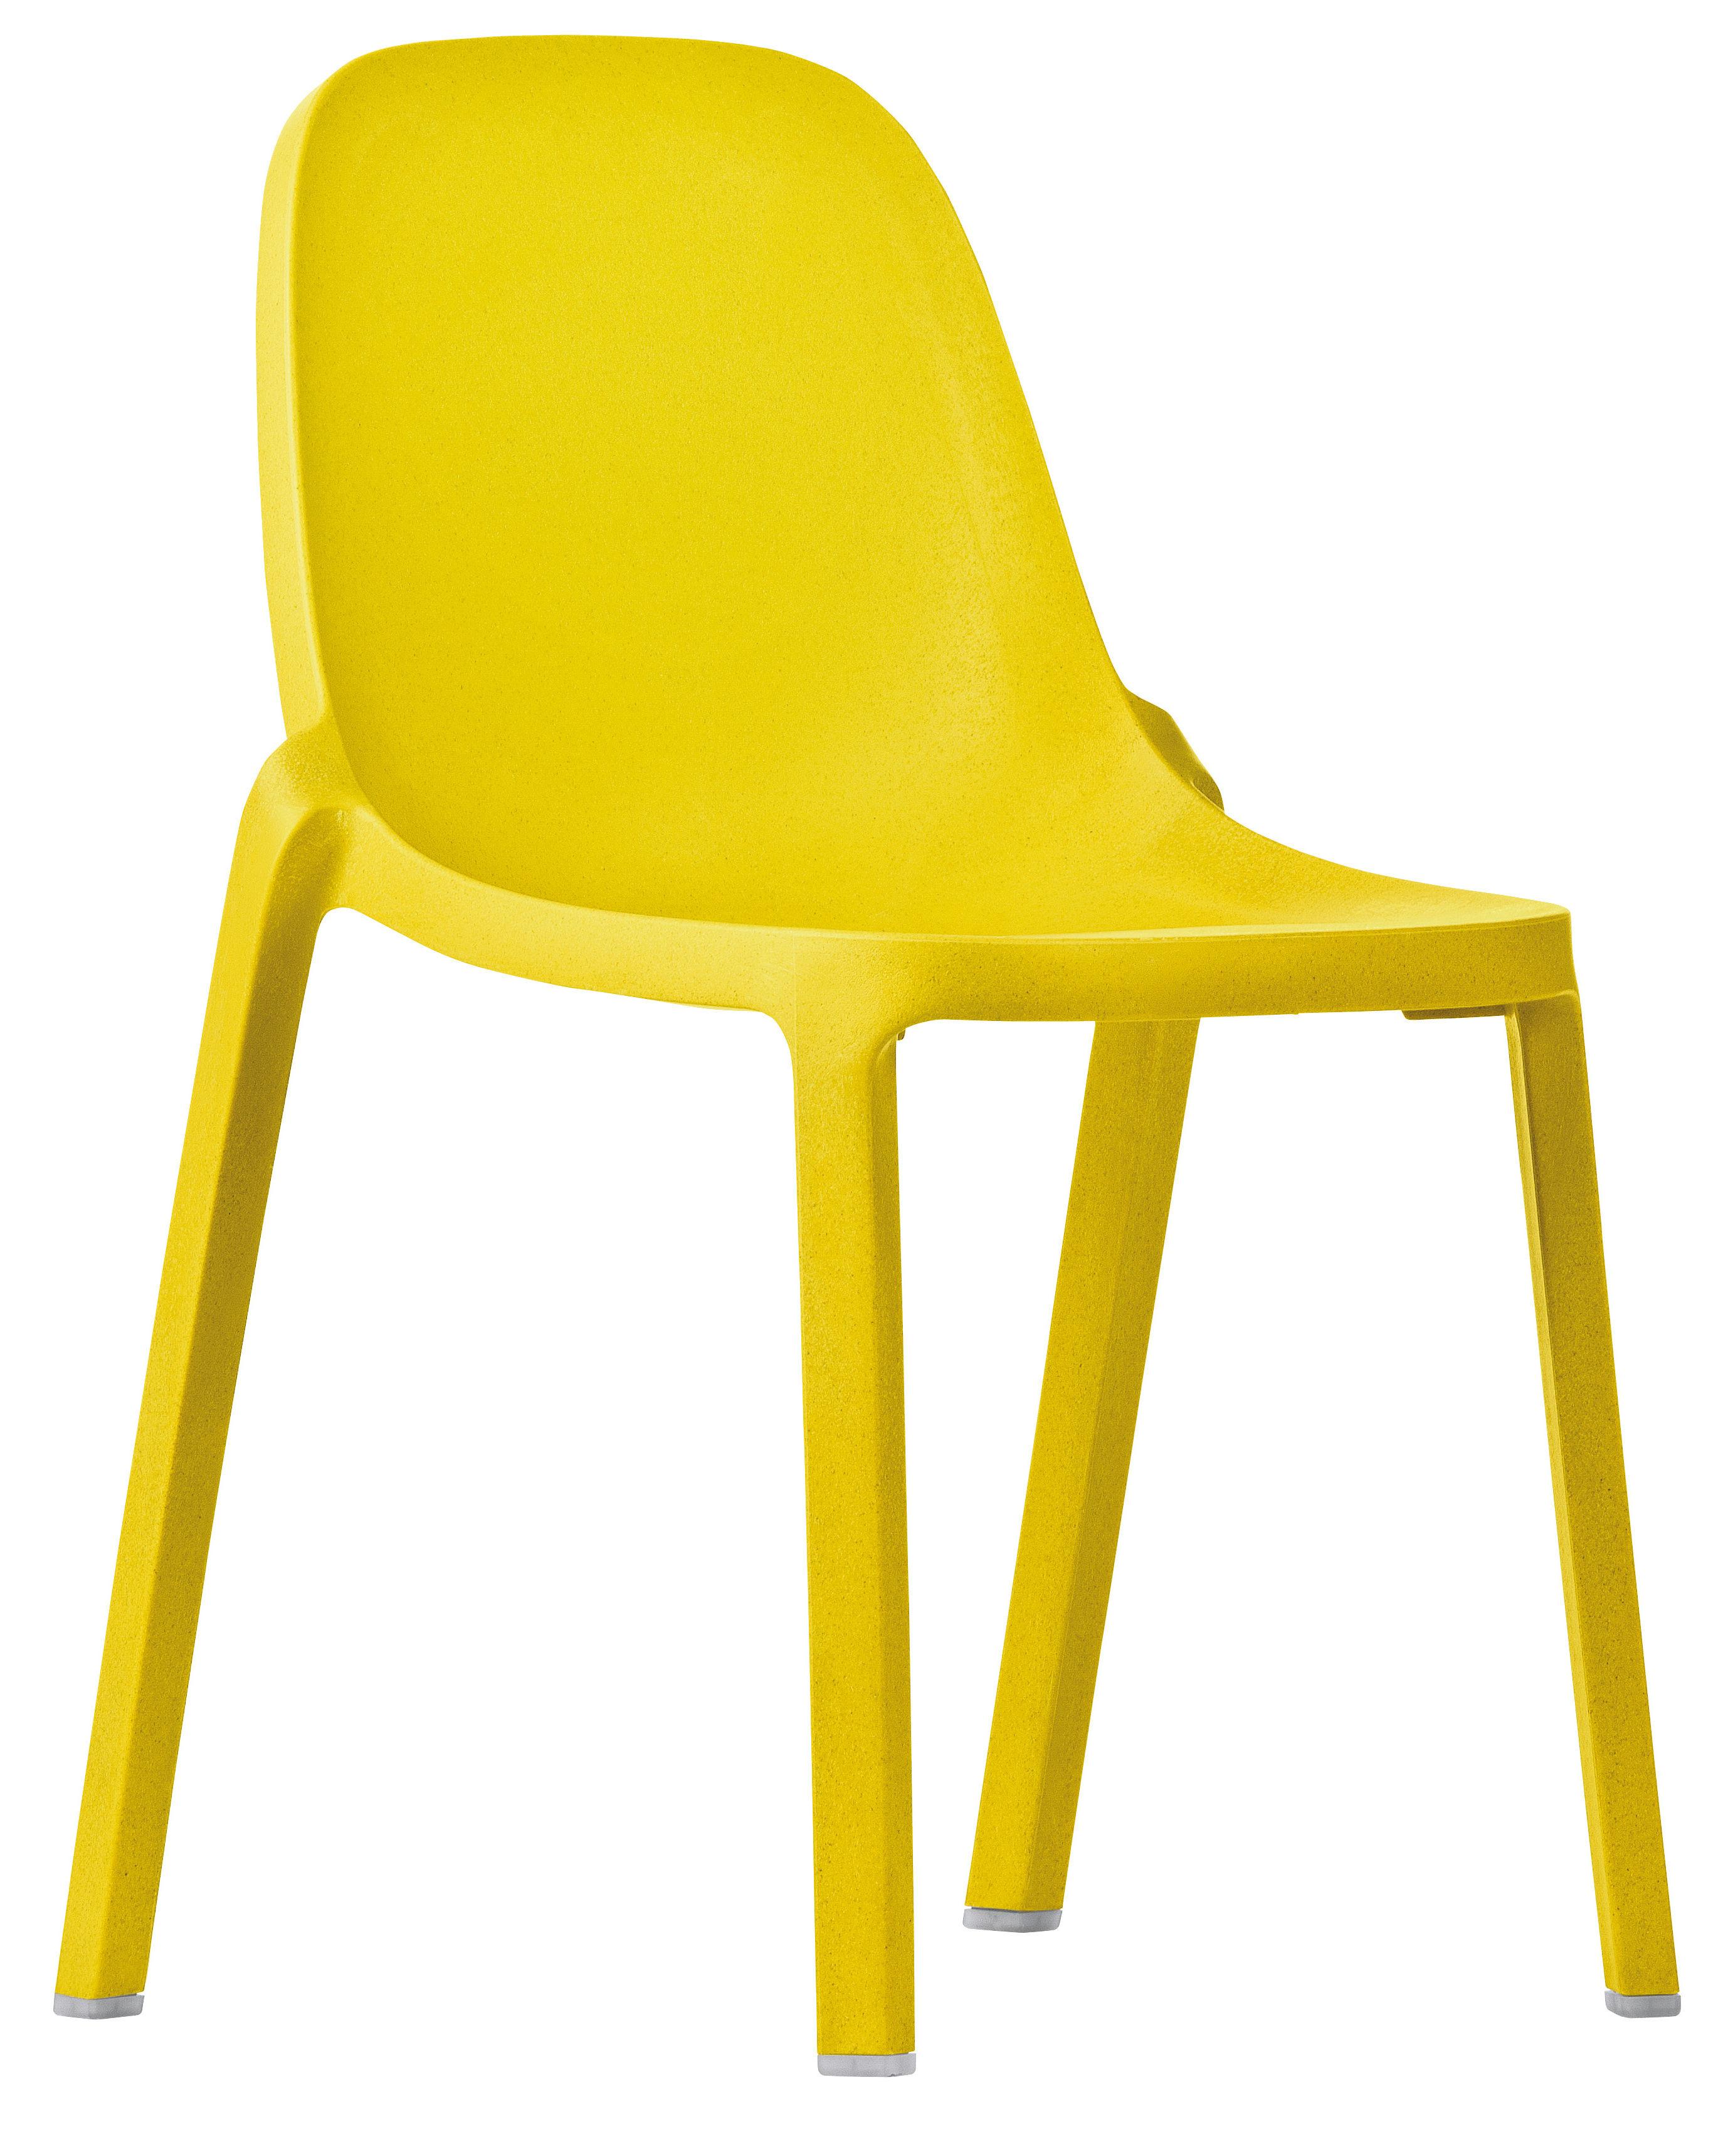 Mobilier - Chaises, fauteuils de salle à manger - Chaise empilable Broom / Plastique recyclé - Emeco - Jaune - Matériau composite recyclé